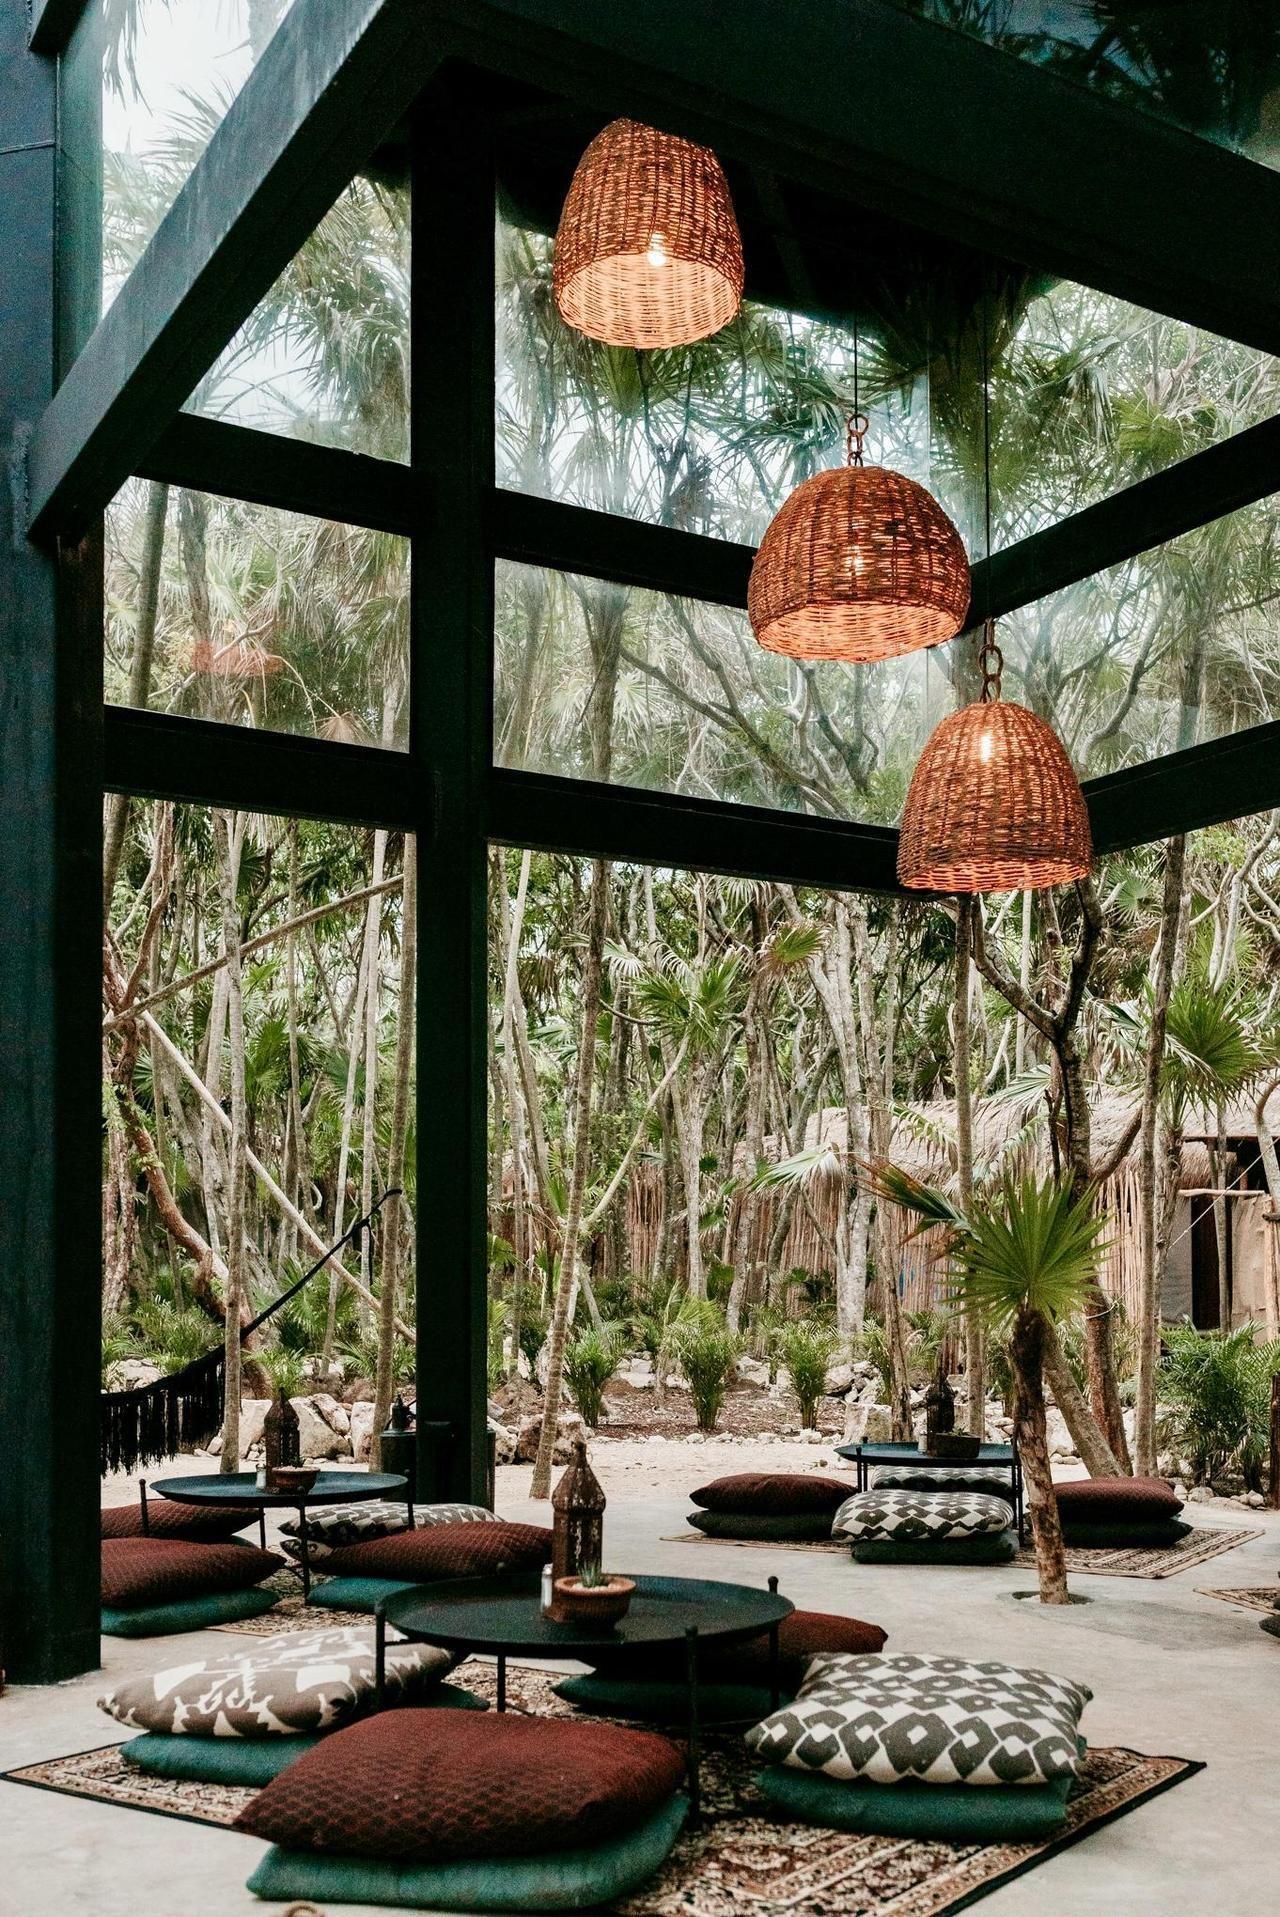 Home Interior Design — Open air beach lounge in Tulum ...